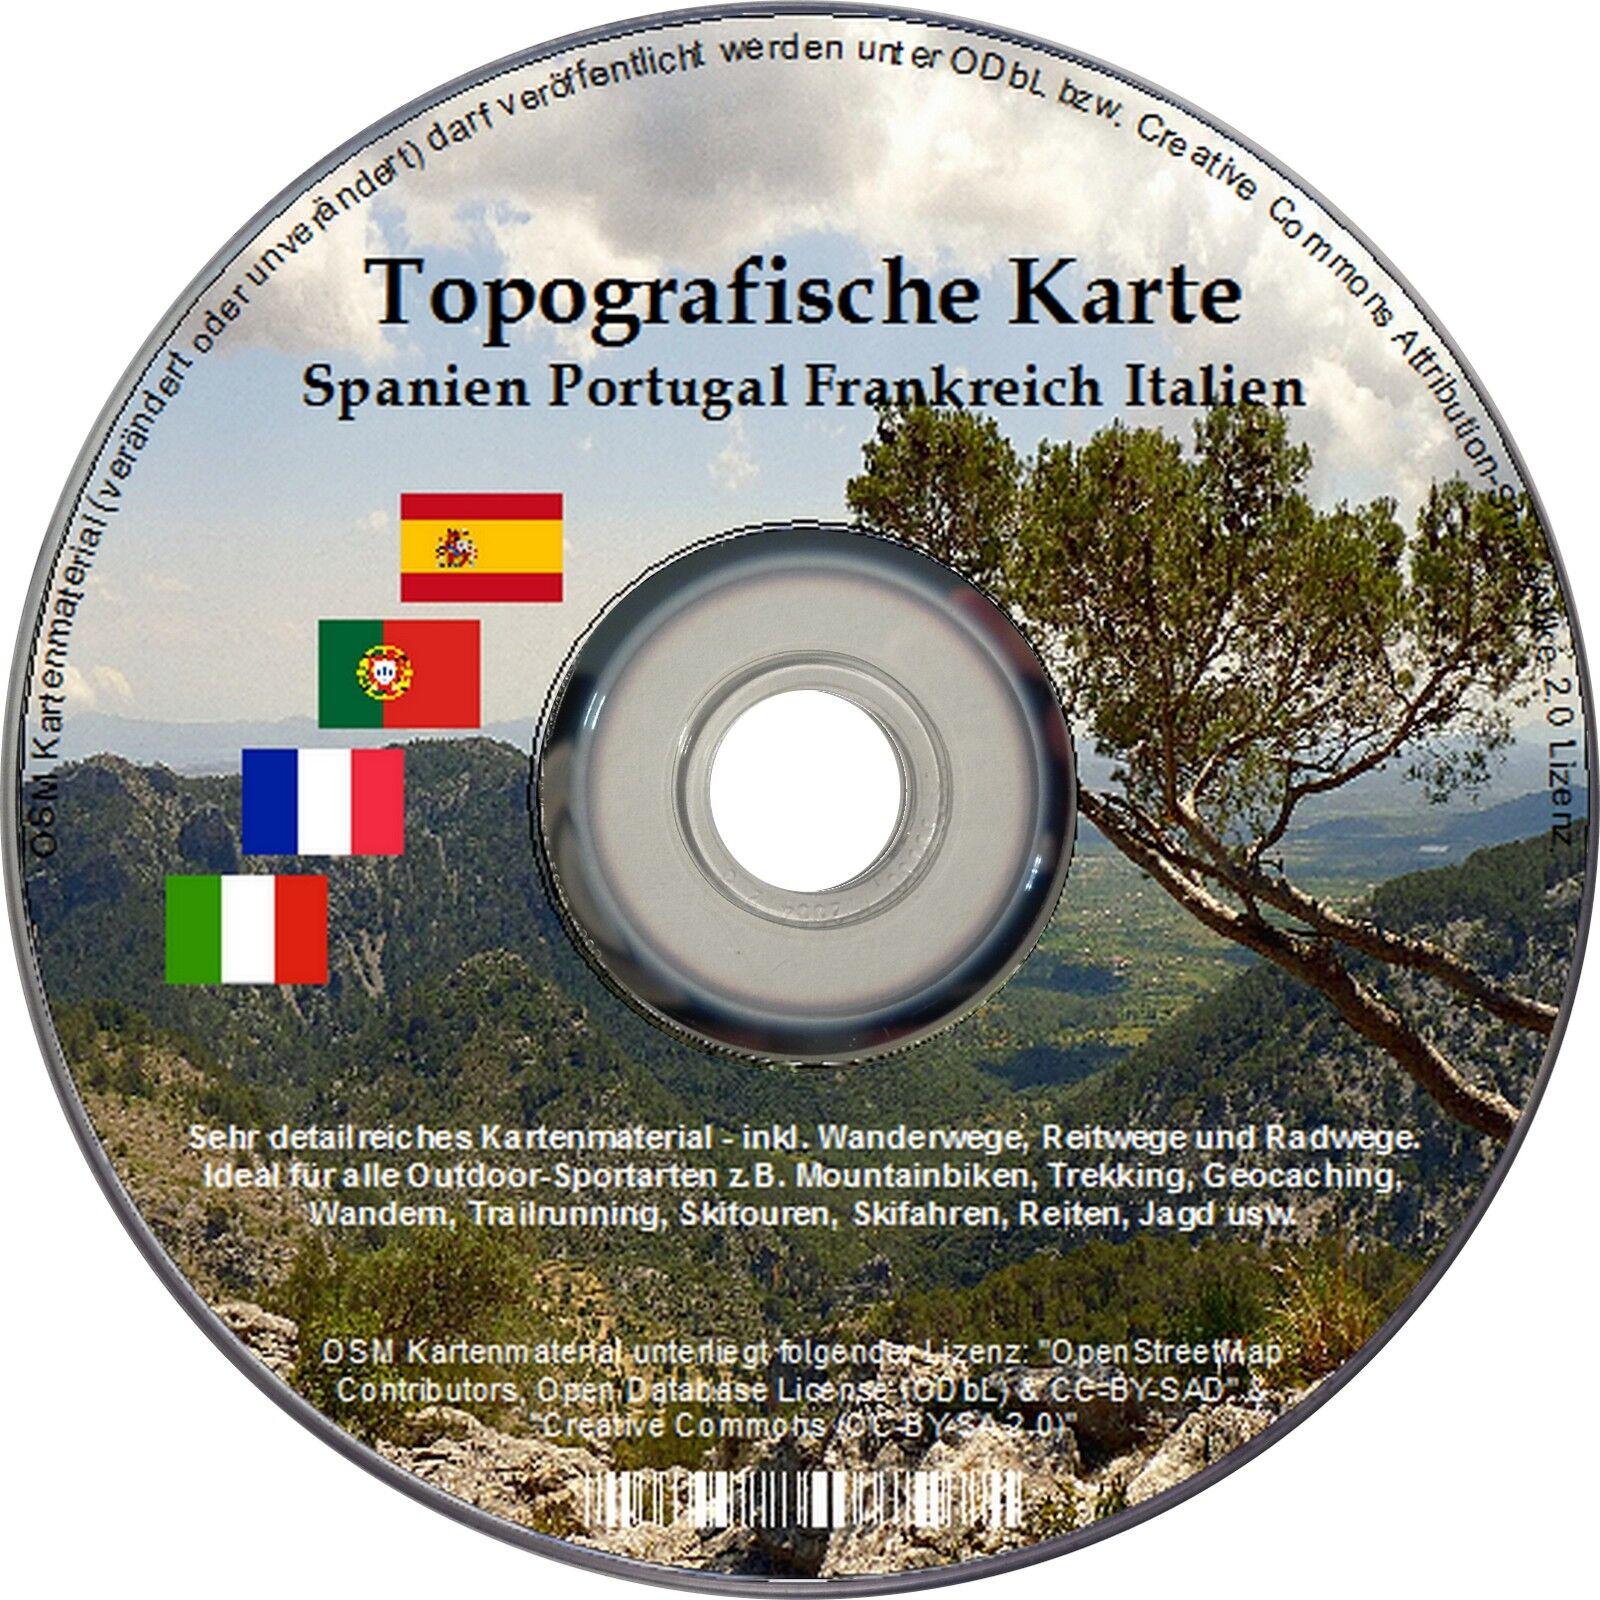 Topographique Topo Carte Carte Carte Garmin France Portugal Espagne Italie IGN be7c36